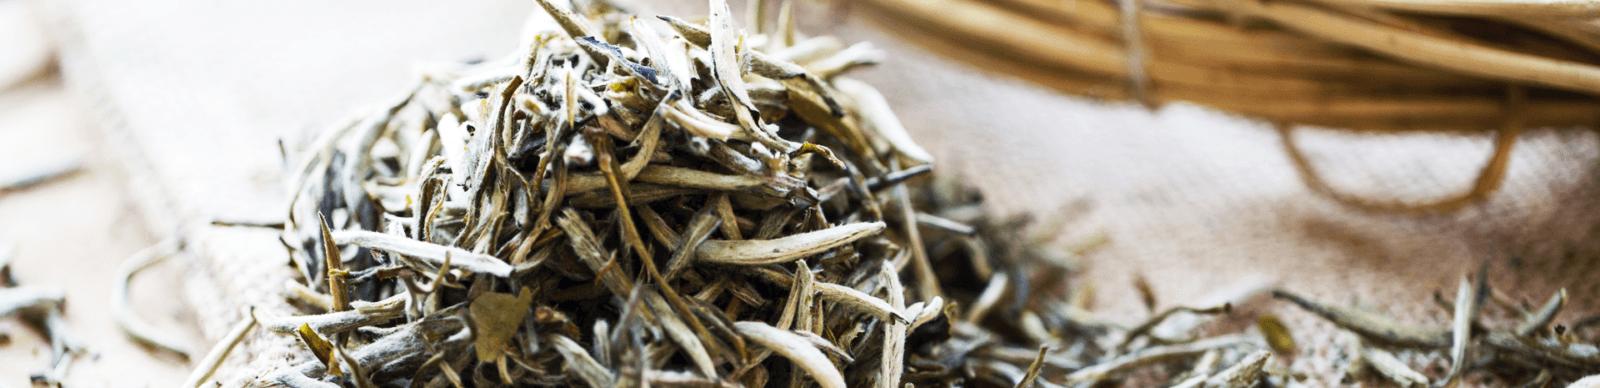 Купить Китайский чай Иглы оптом и в розницу - магазин чая ПУТЬ ЧАЯ .рф